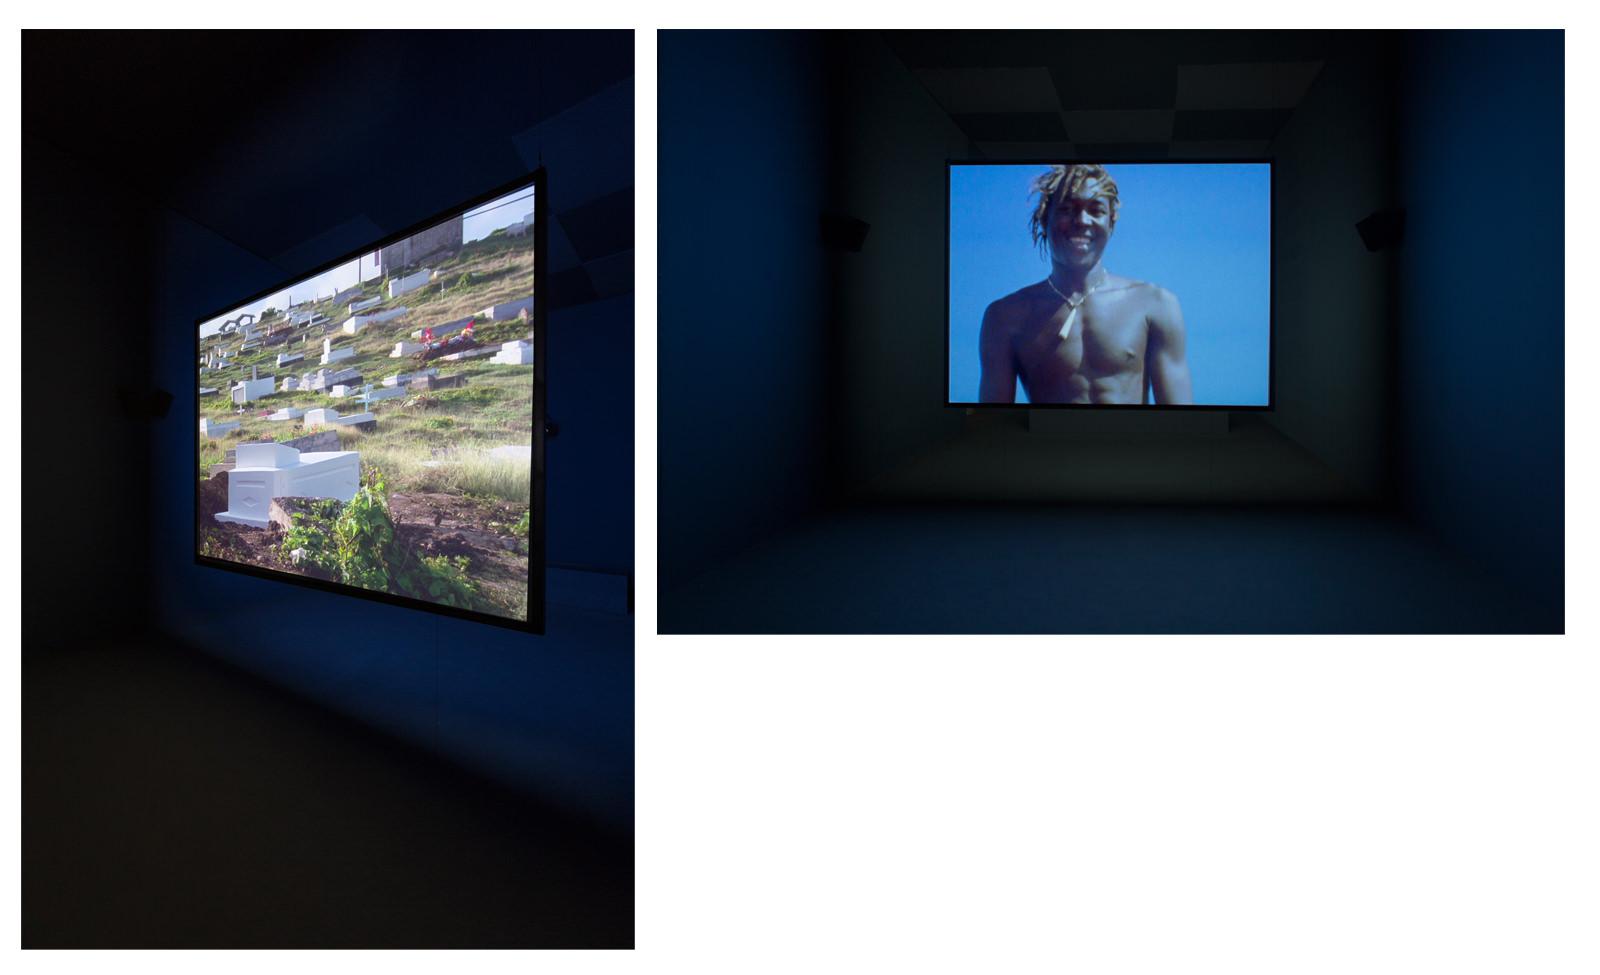 Vues de l'installationAshes deSteve McQueen(2014-2015), 56. Esposizione Internazionale d'Arte –la Biennale di Venezia, 2015. Crédit photo : Roberto Marosi.Courtesy of the artist and Marian Goodman Gallery.